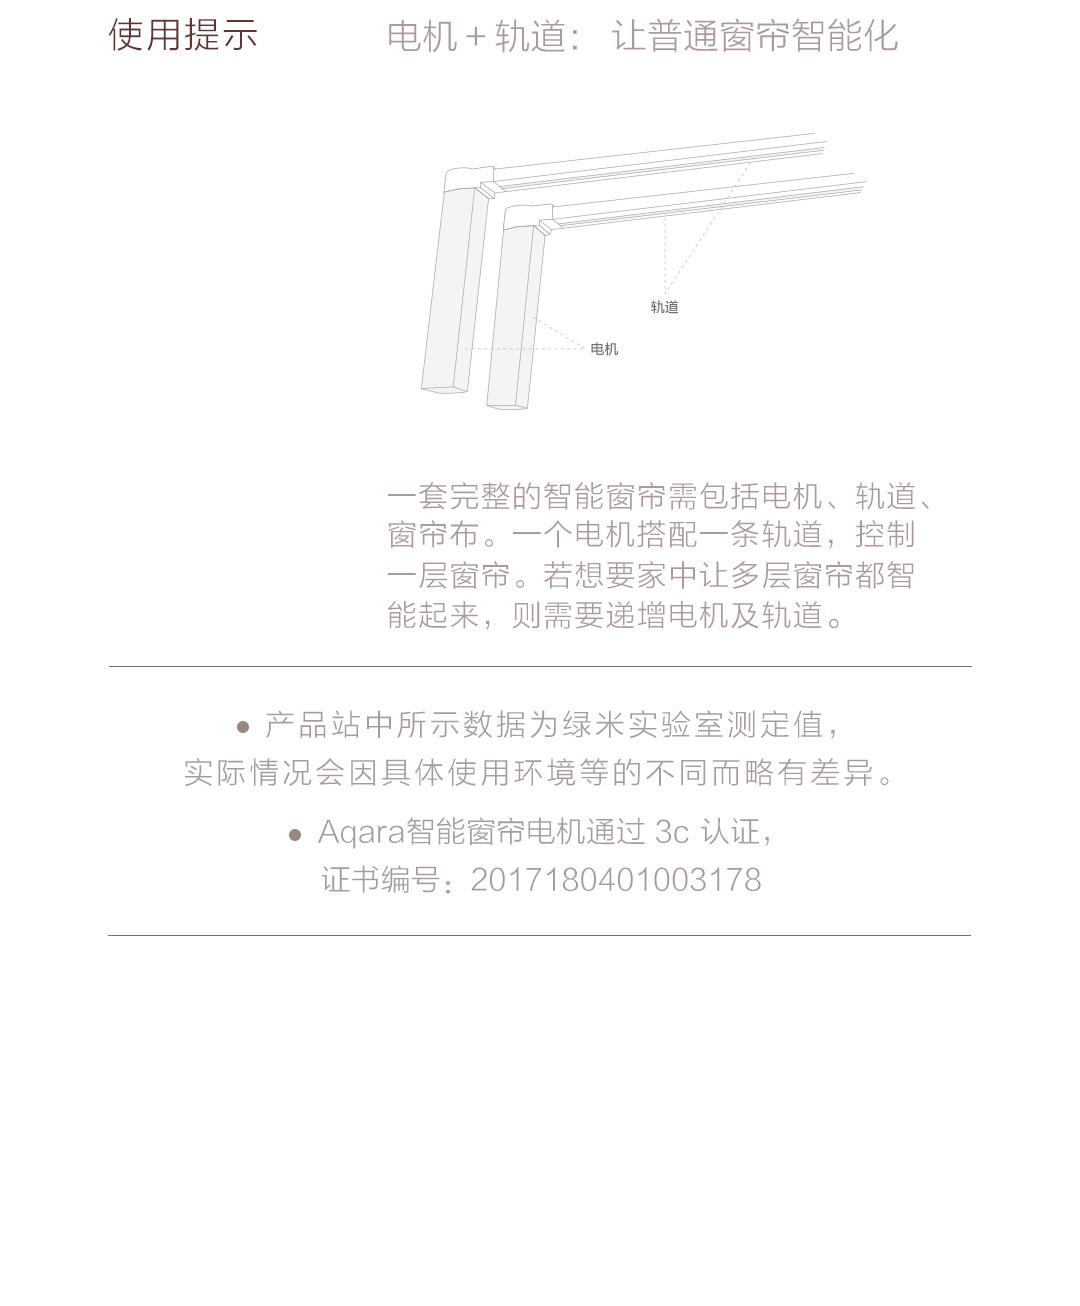 Aqara智能窗帘电机 (13).jpg